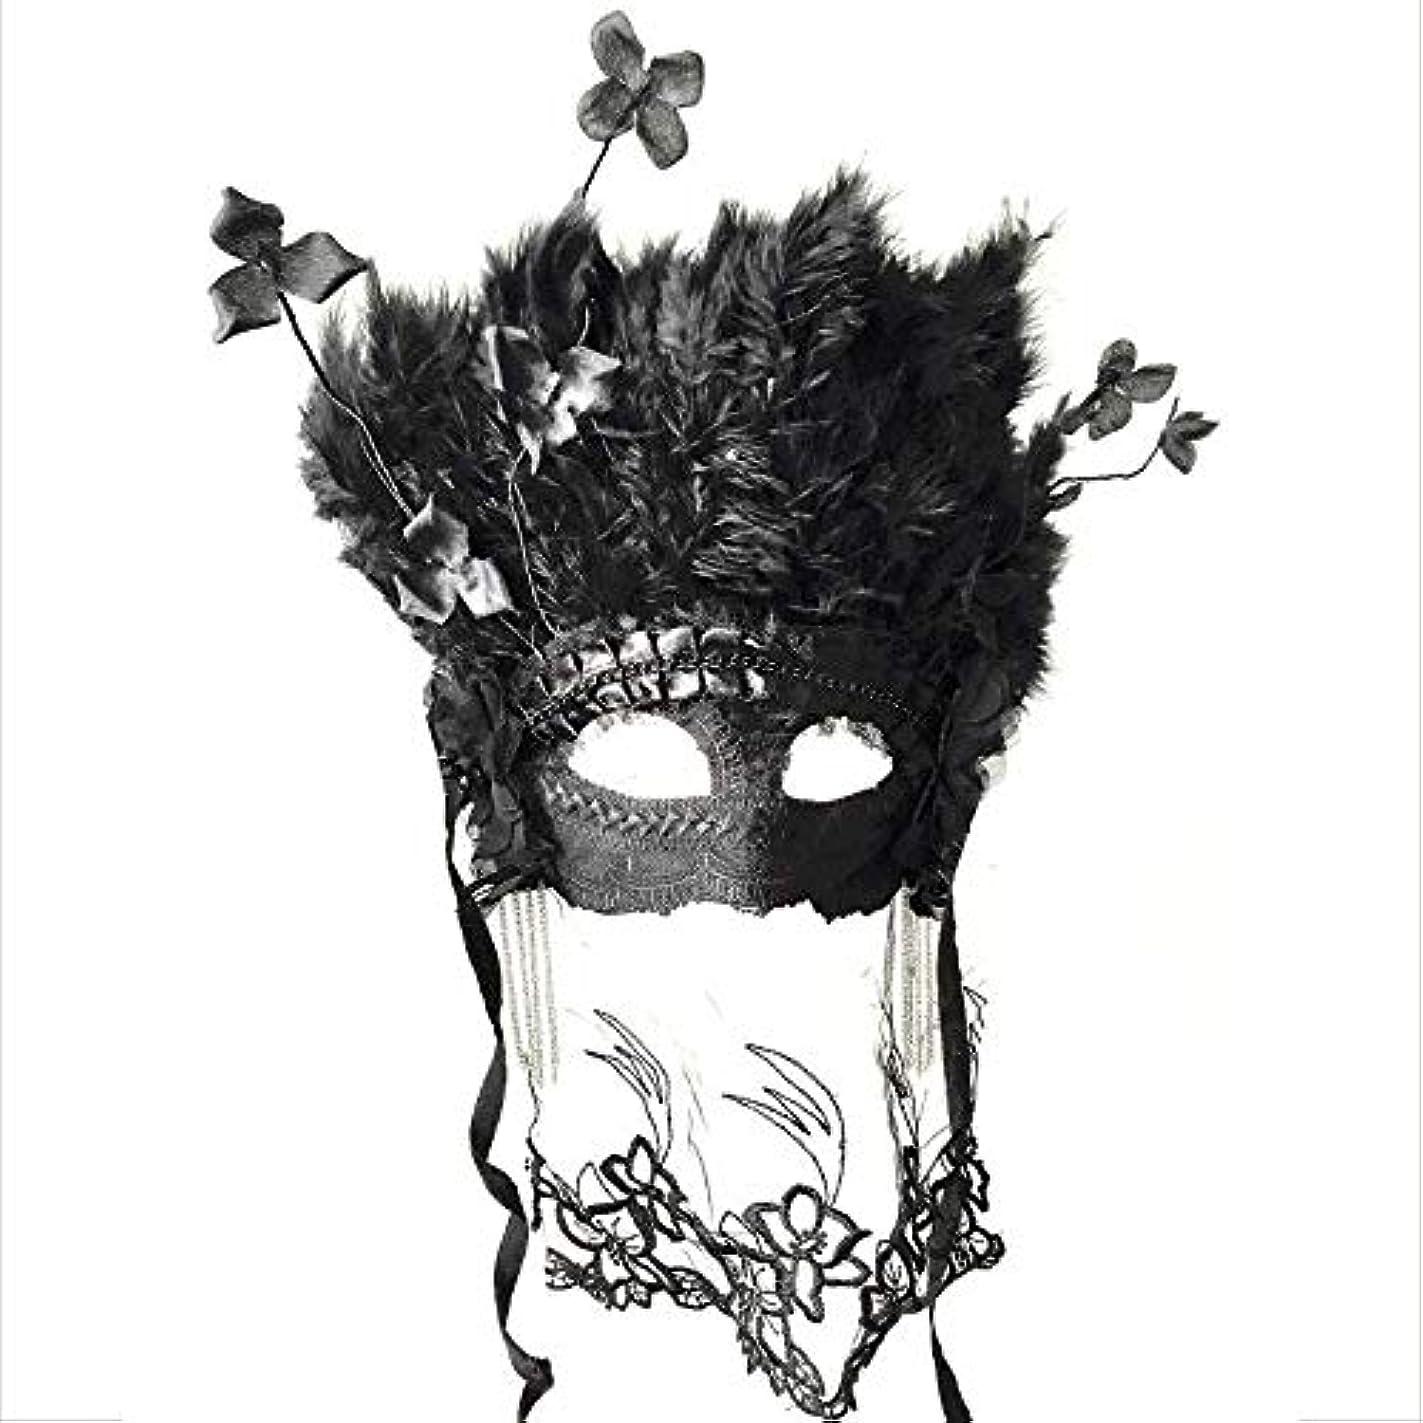 夕食を作る熱帯の仮定Nanle ハロウィンクリスマスベールドライフラワーフェザータッセルマスク仮装マスクレディミスプリンセス美容祭パーティーデコレーションマスク